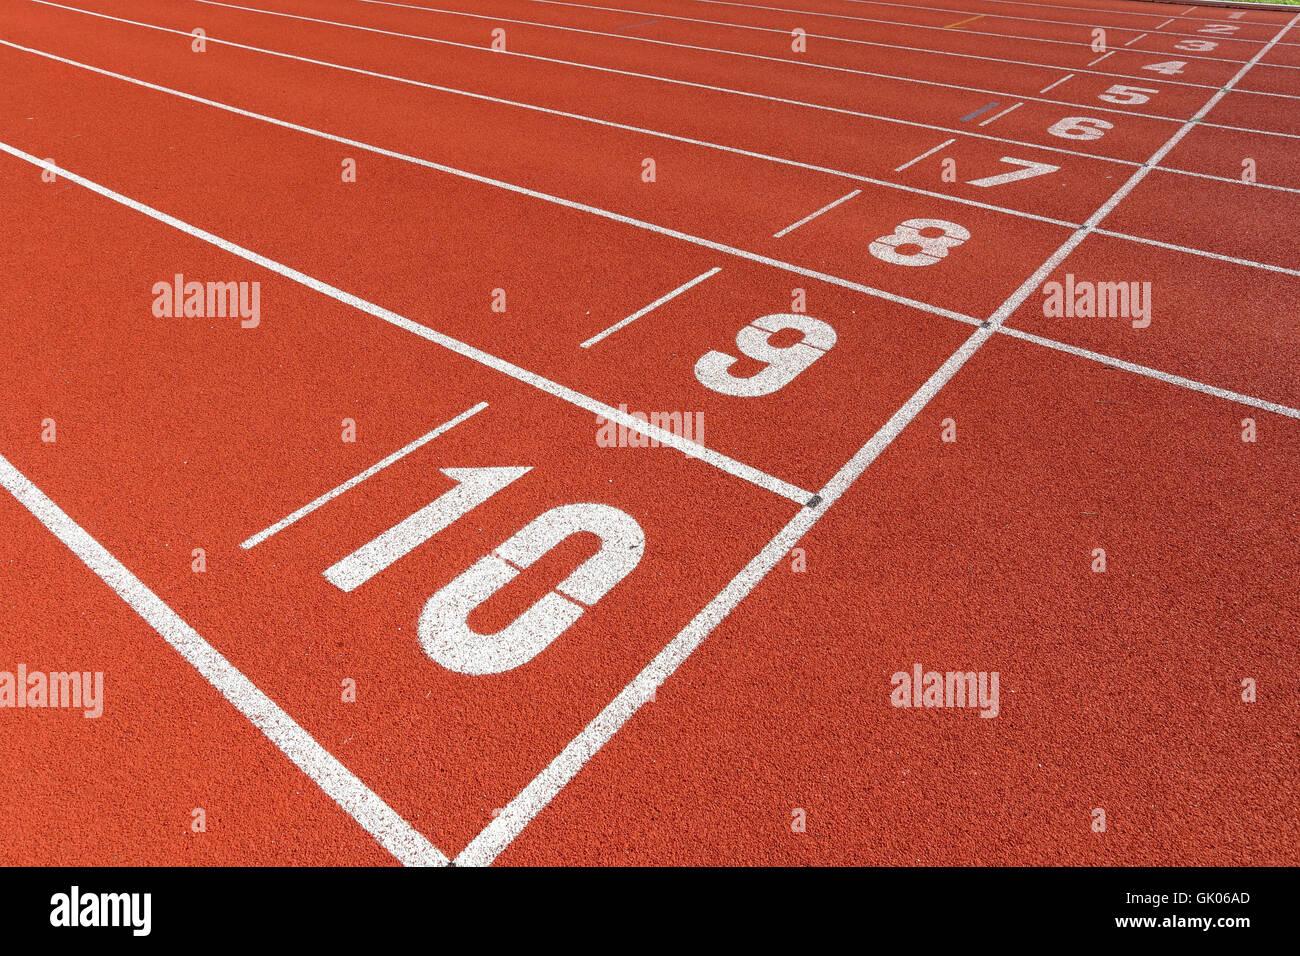 Campo de deportes deporte Imagen De Stock